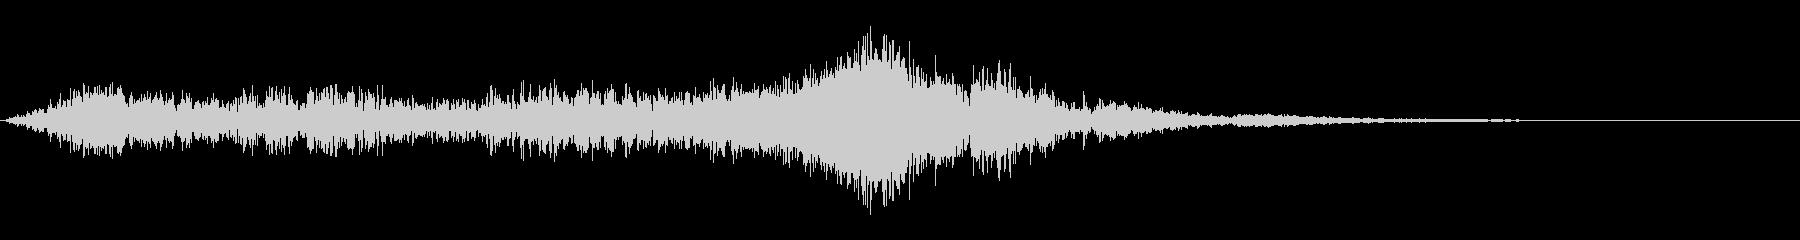 ポジトロン波バーストの未再生の波形